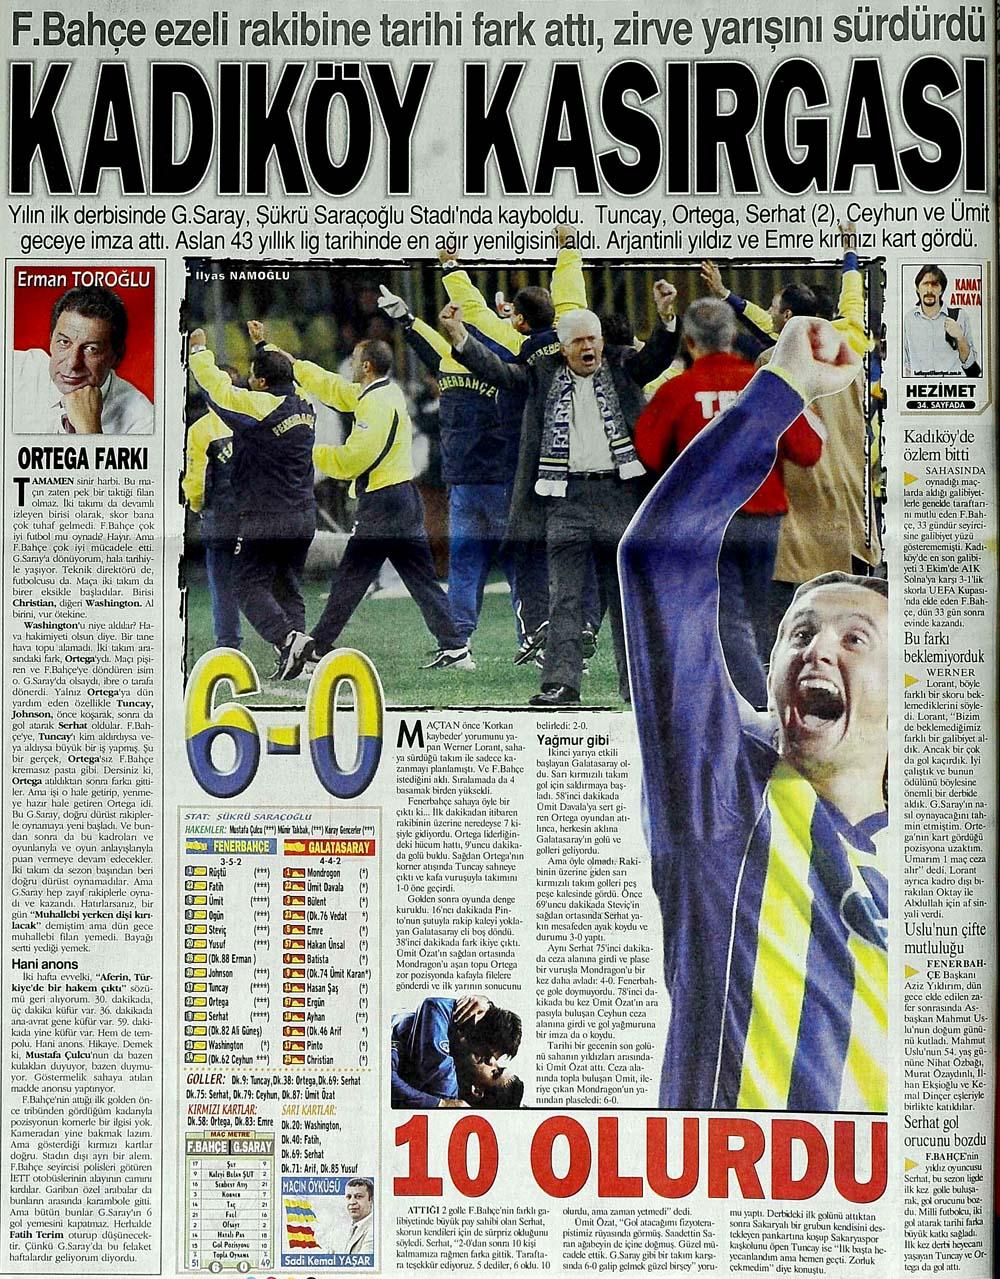 Kadıköy Kasırgası 6-0